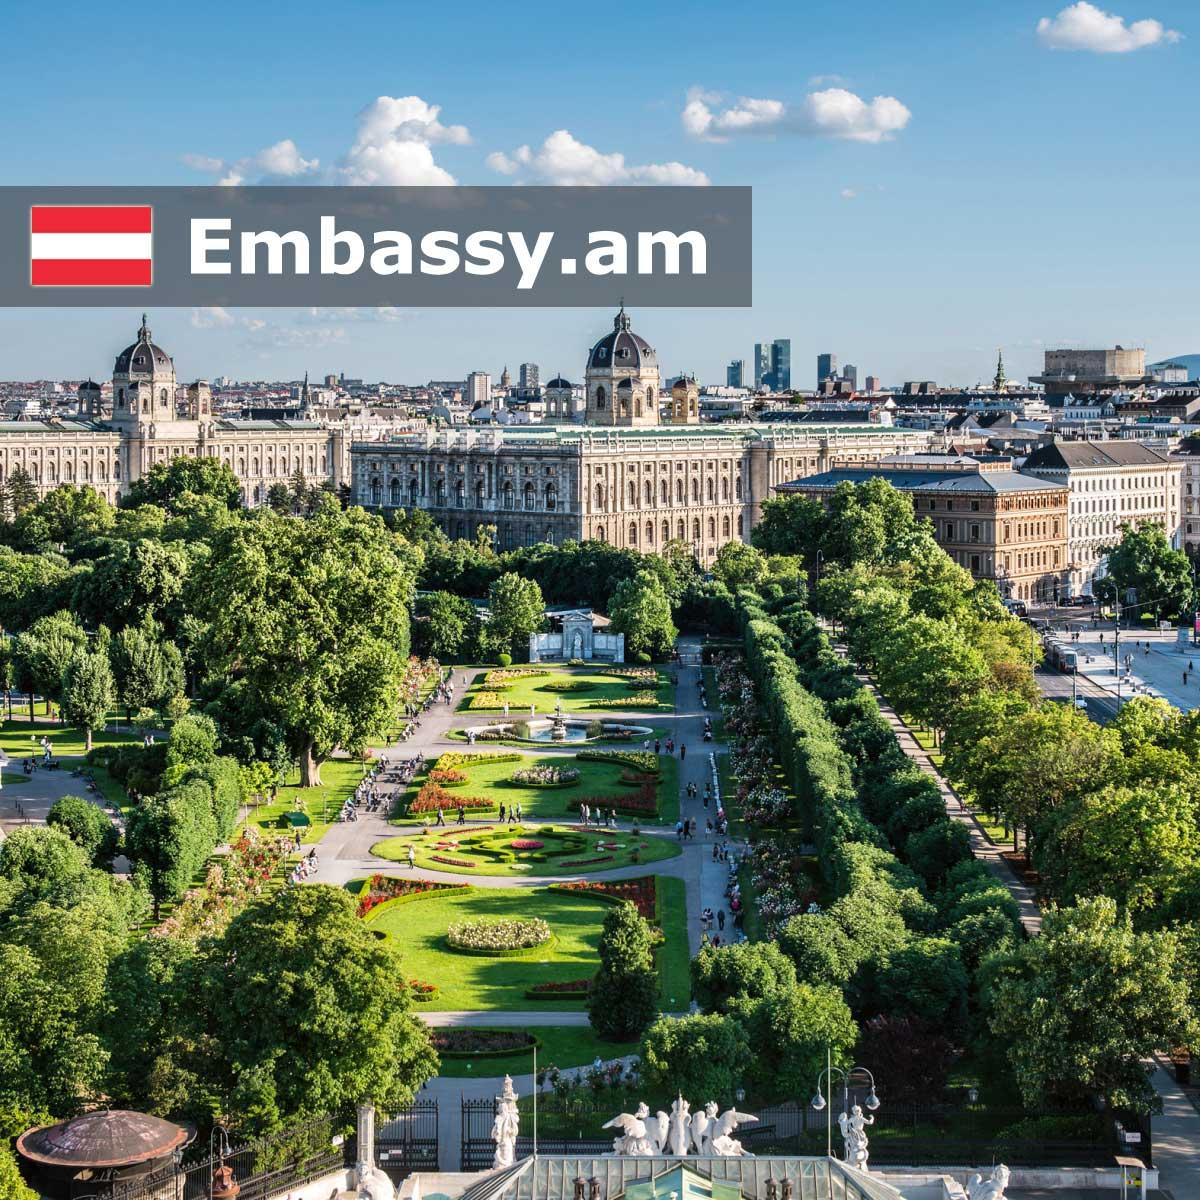 Hotels in Austria - Embassy.am